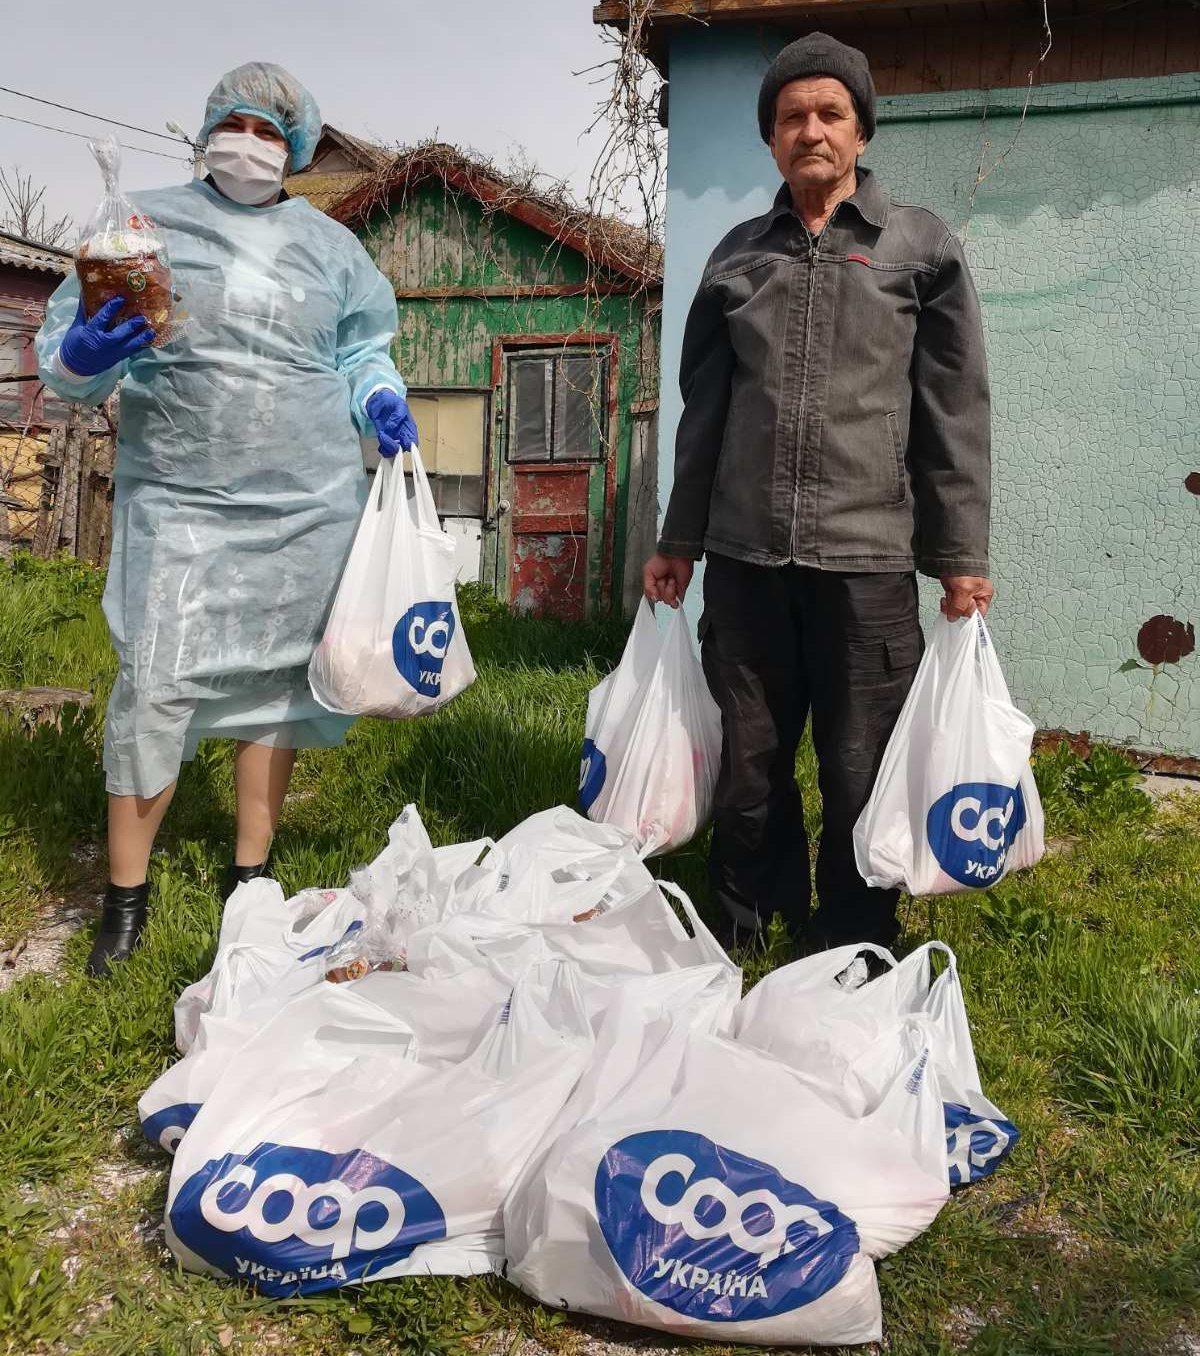 Скадовск, помощь, инвалиды, Касьяненко